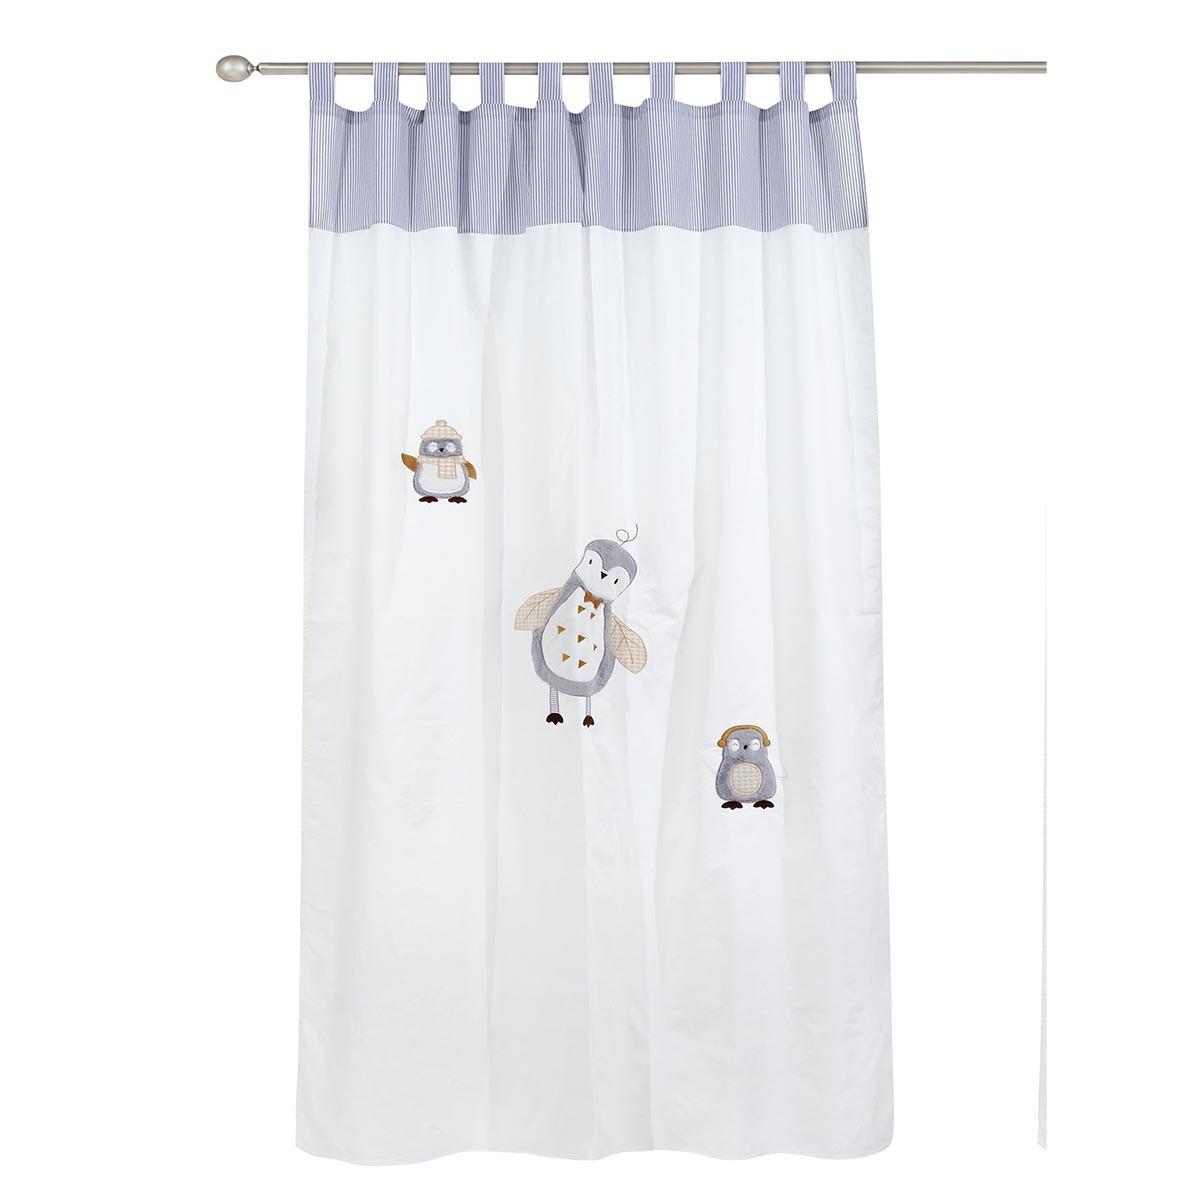 Παιδική Κουρτίνα (140×260) Das Home Dream Embroidery 2109 66804